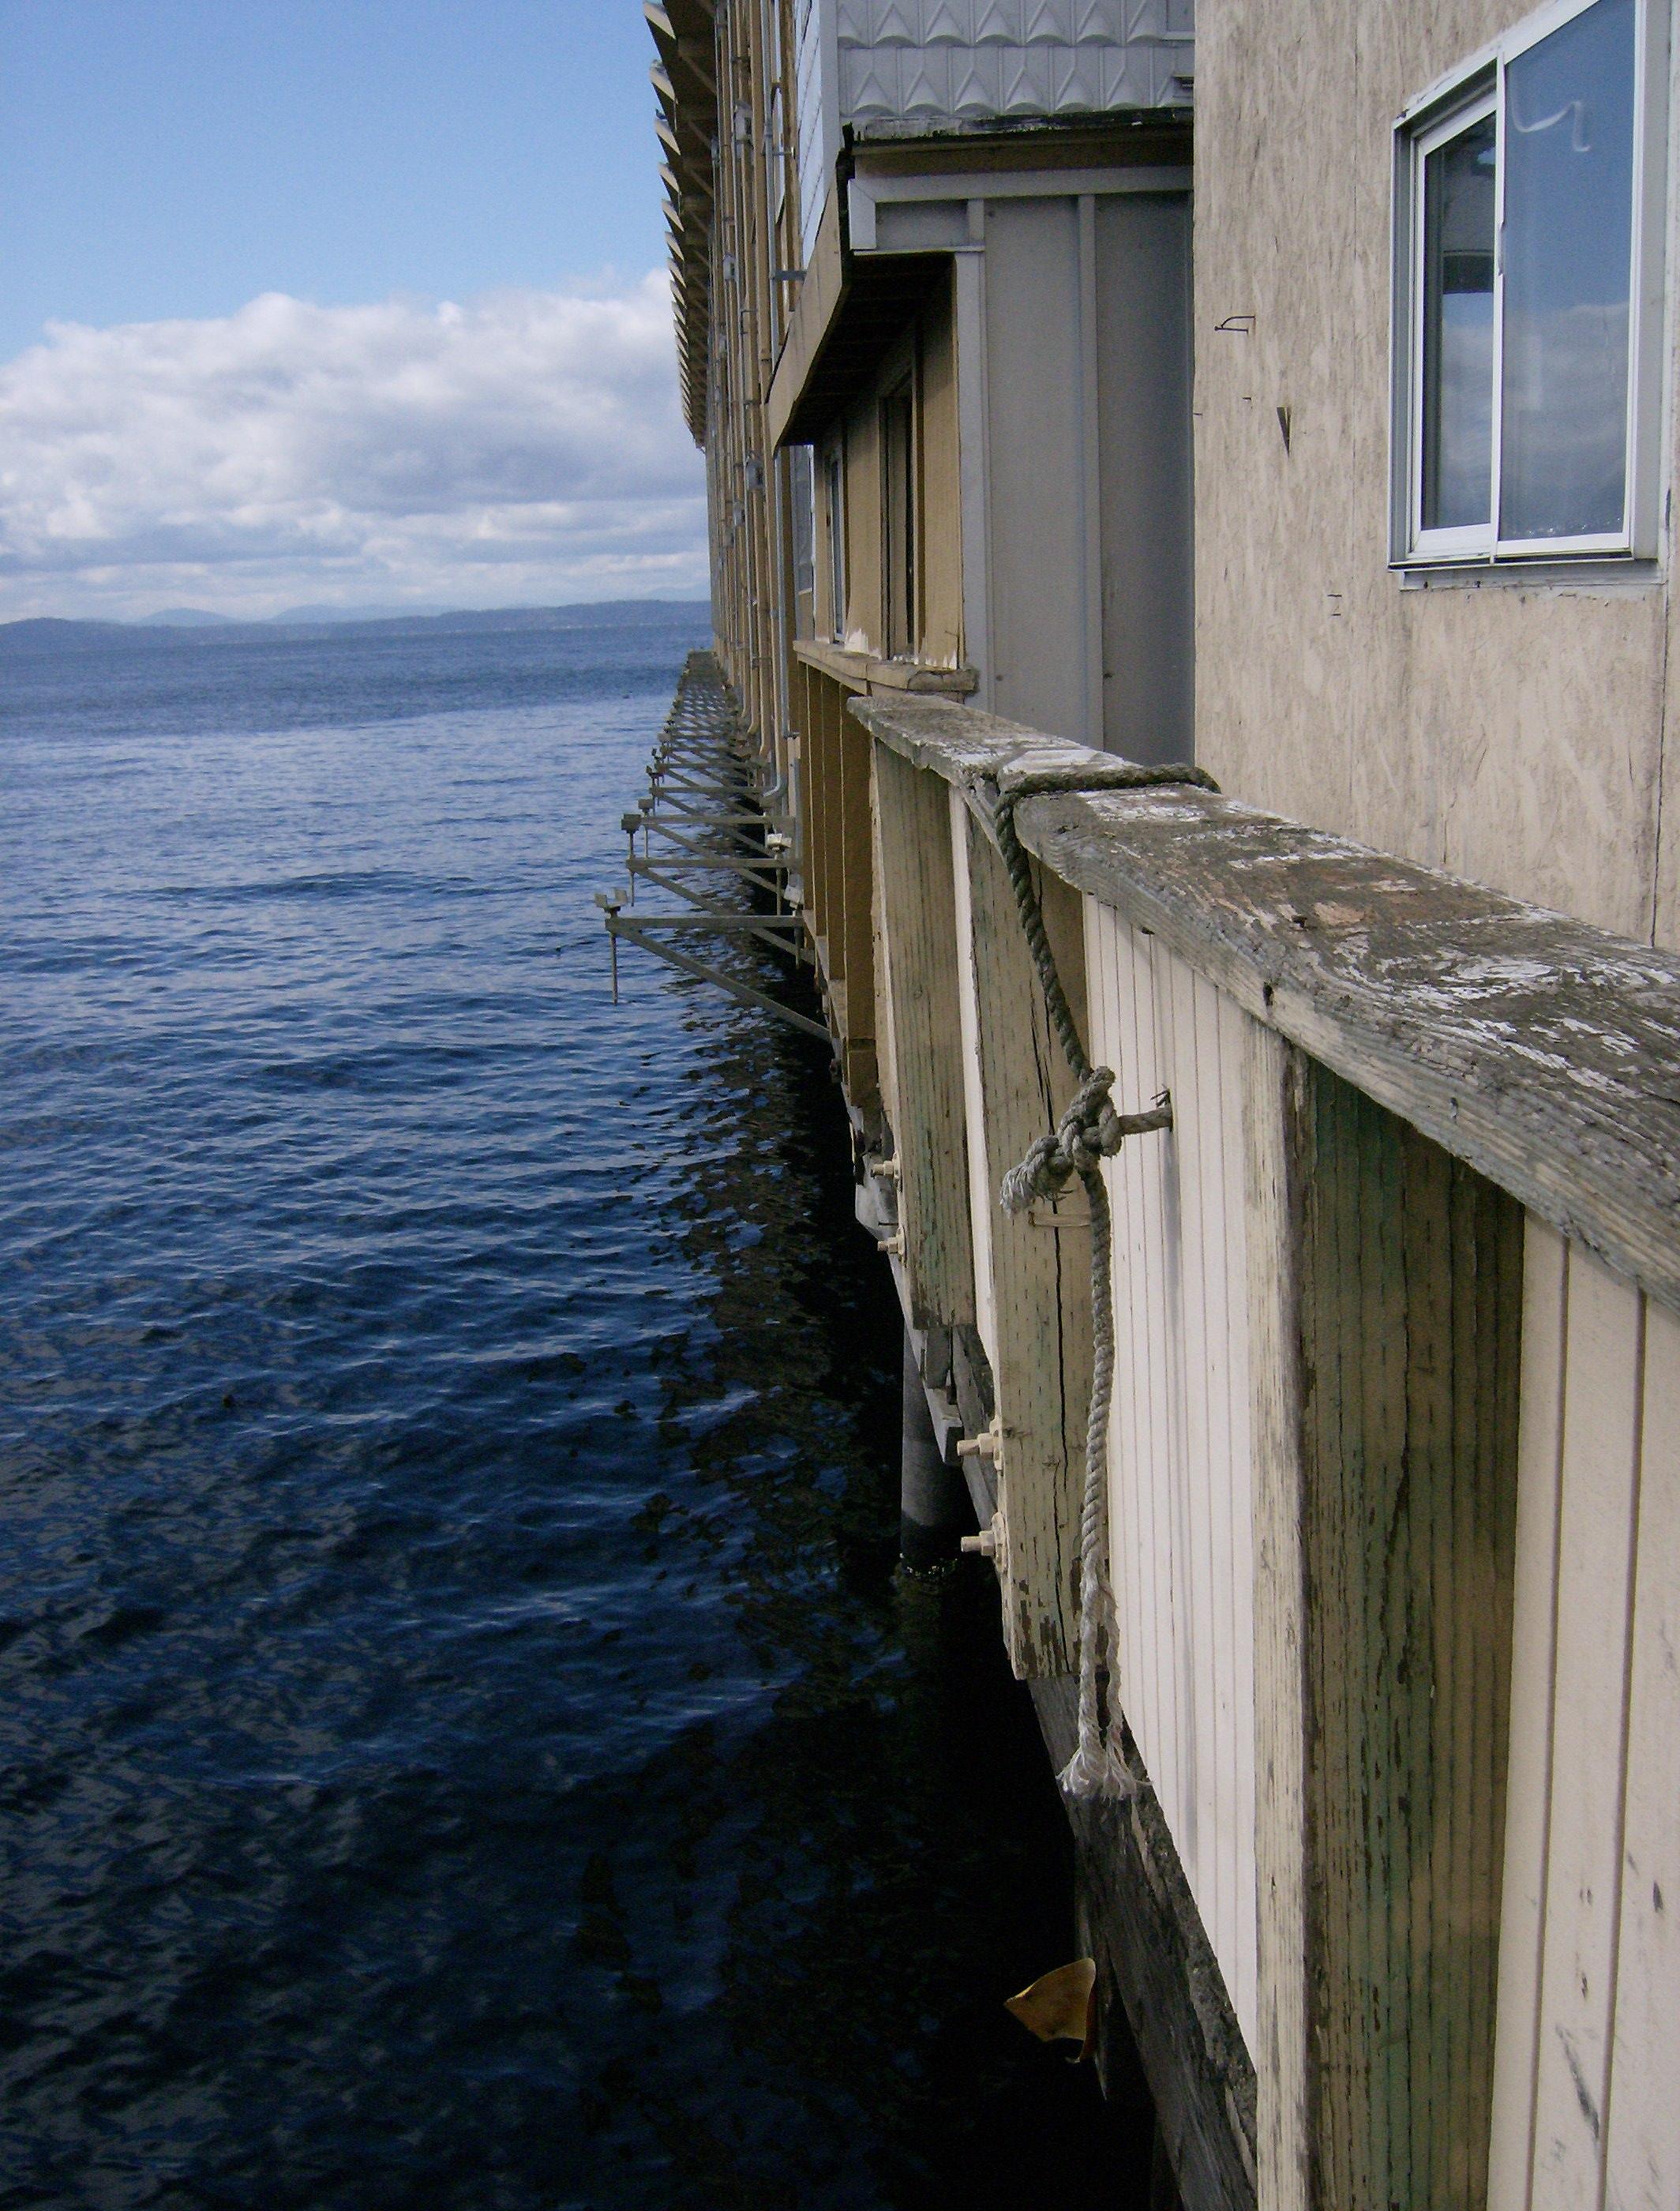 edgewater pier engineering repair